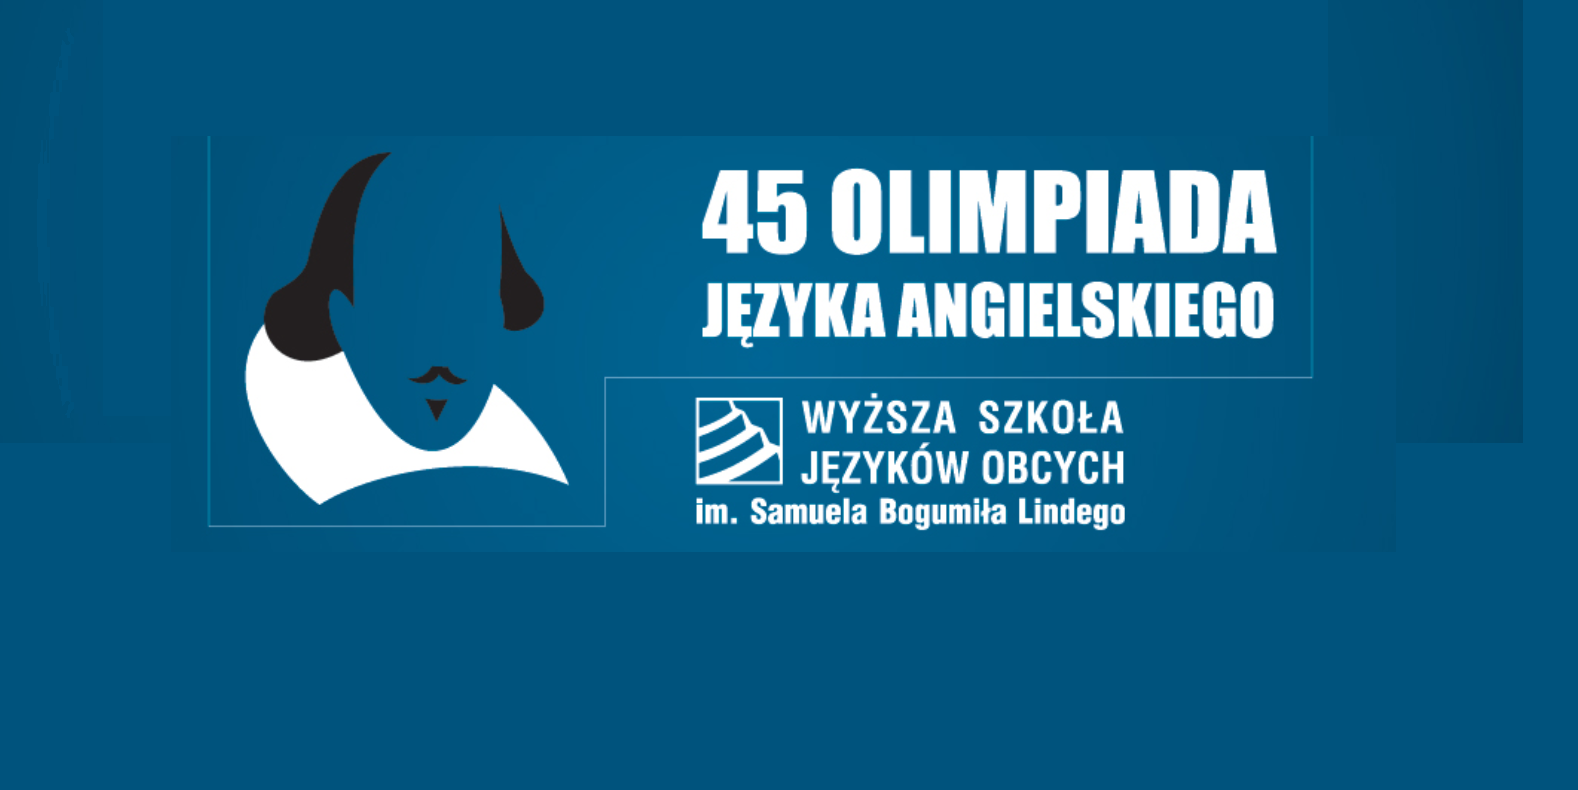 45 OLIMPIADA JĘZYKA ANGIELSKIEGO